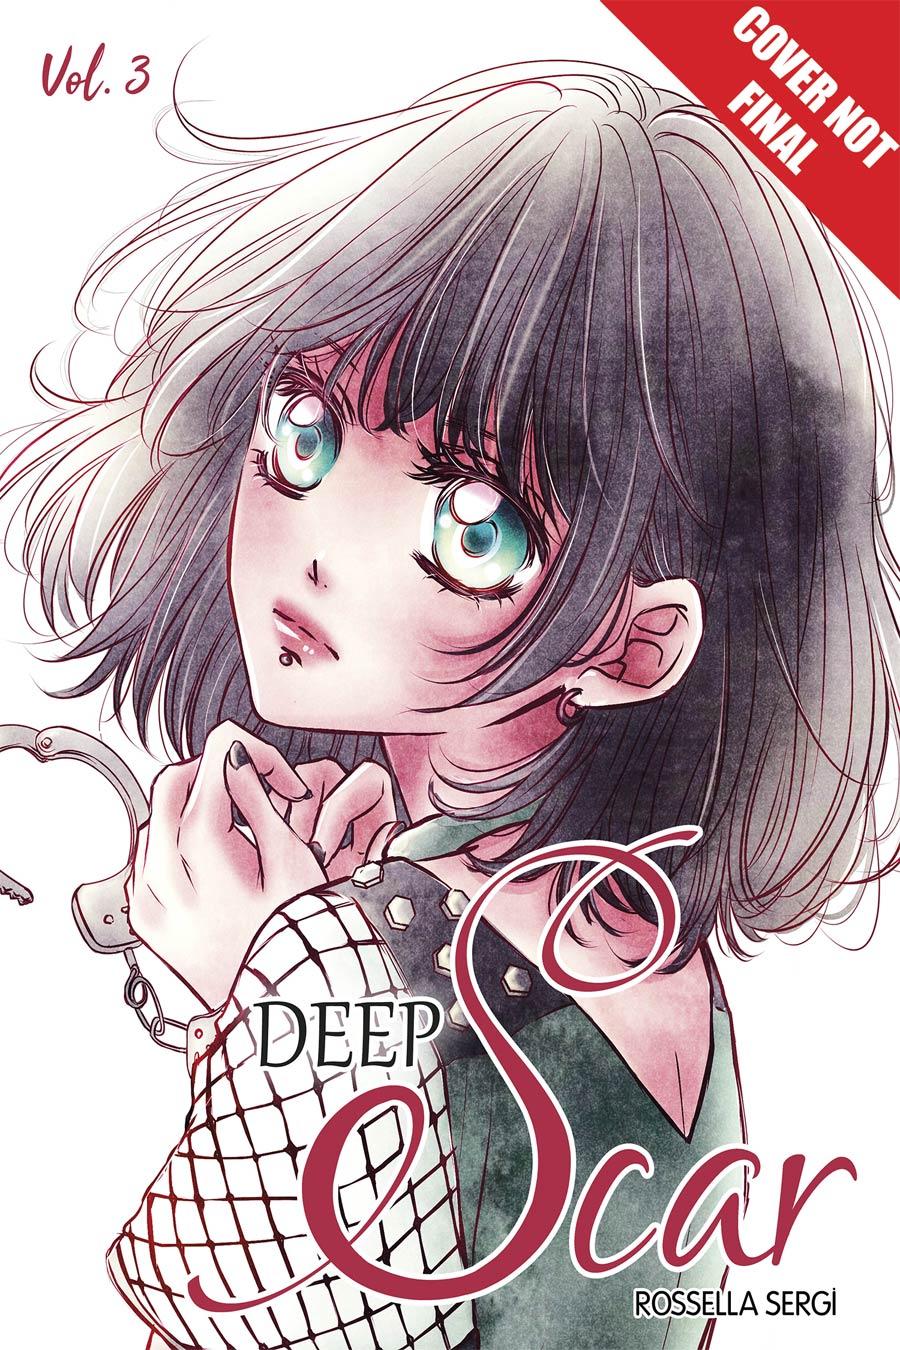 Deep Scar Vol 3 GN